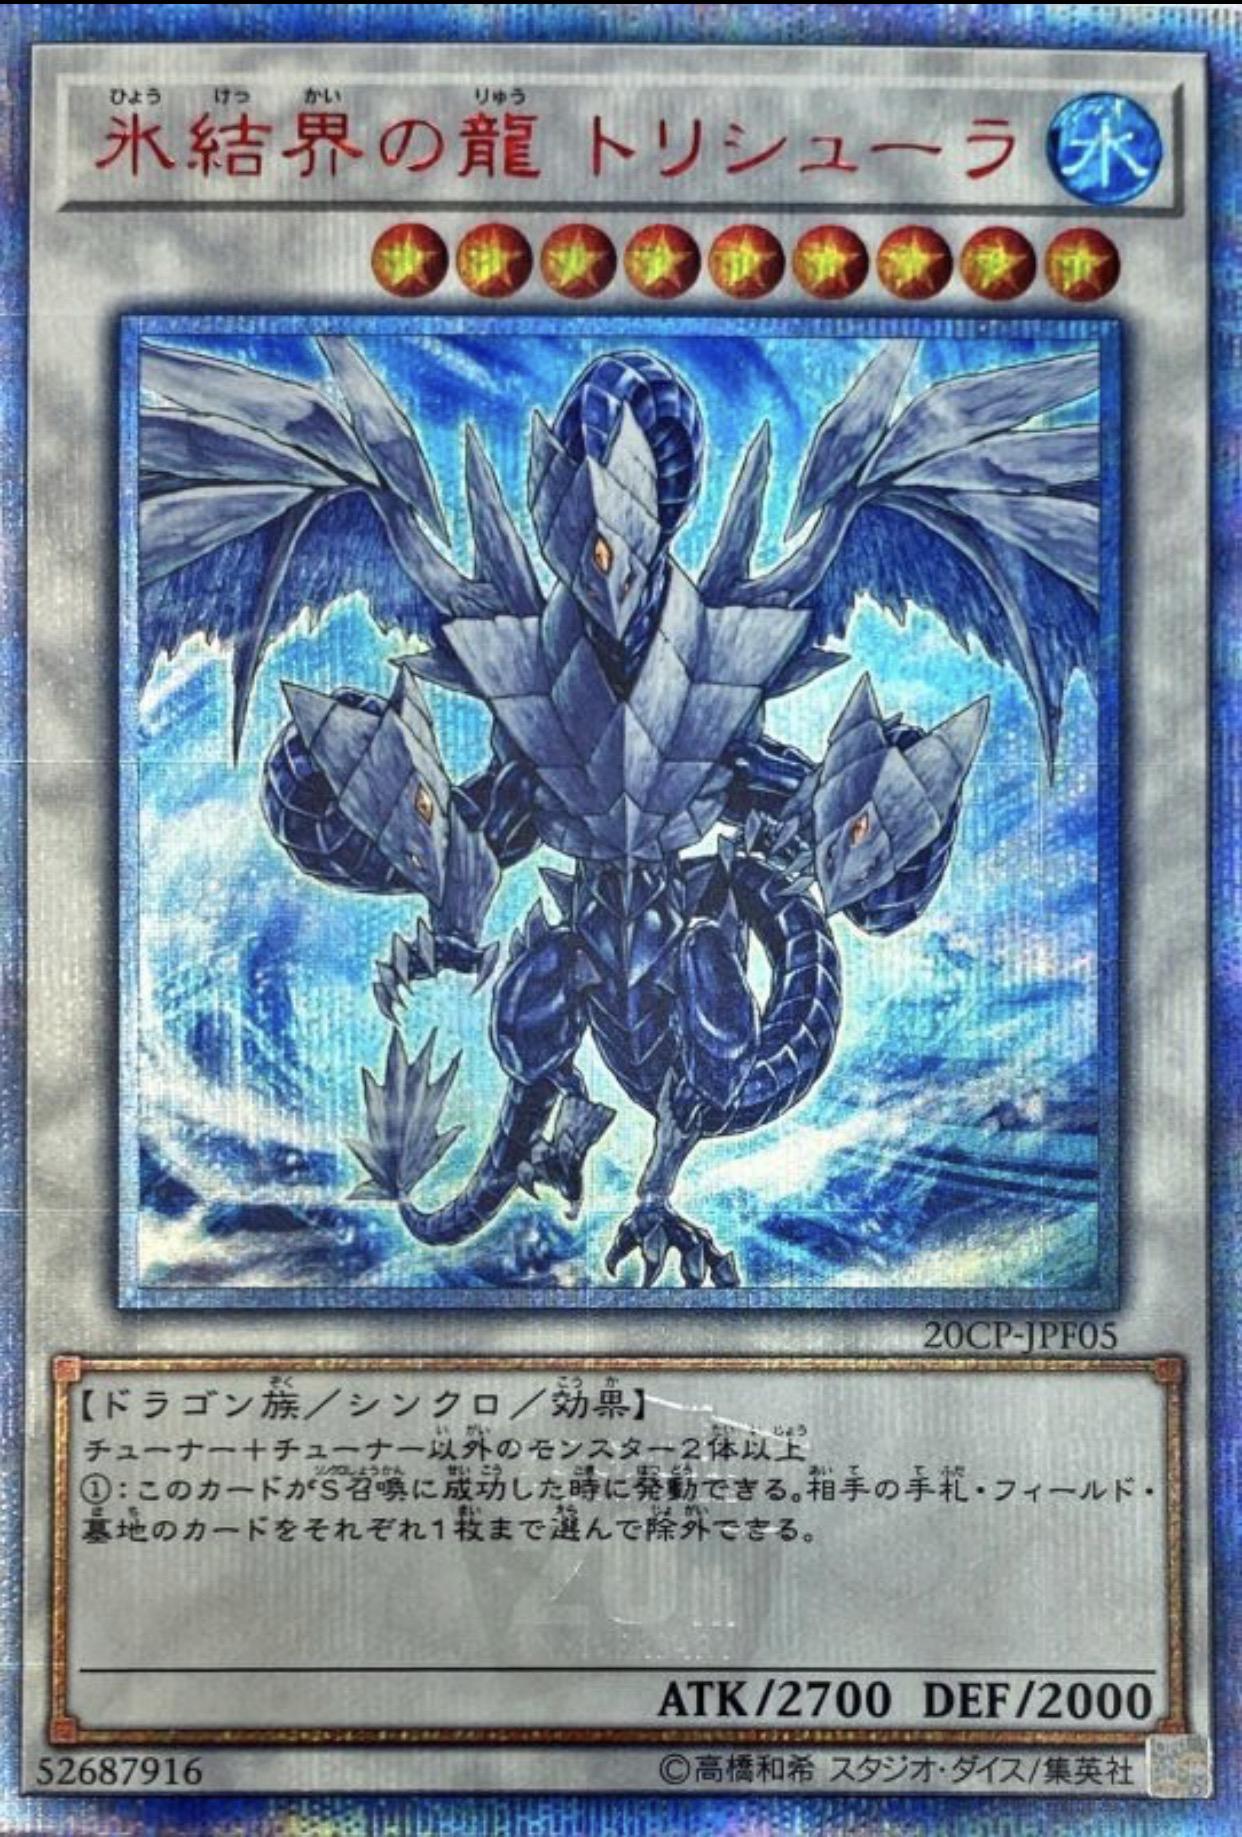 OkUW4qU - 遊戯王「このカードは効果の対象にならず、効果では破壊されない」←こいつの倒し方